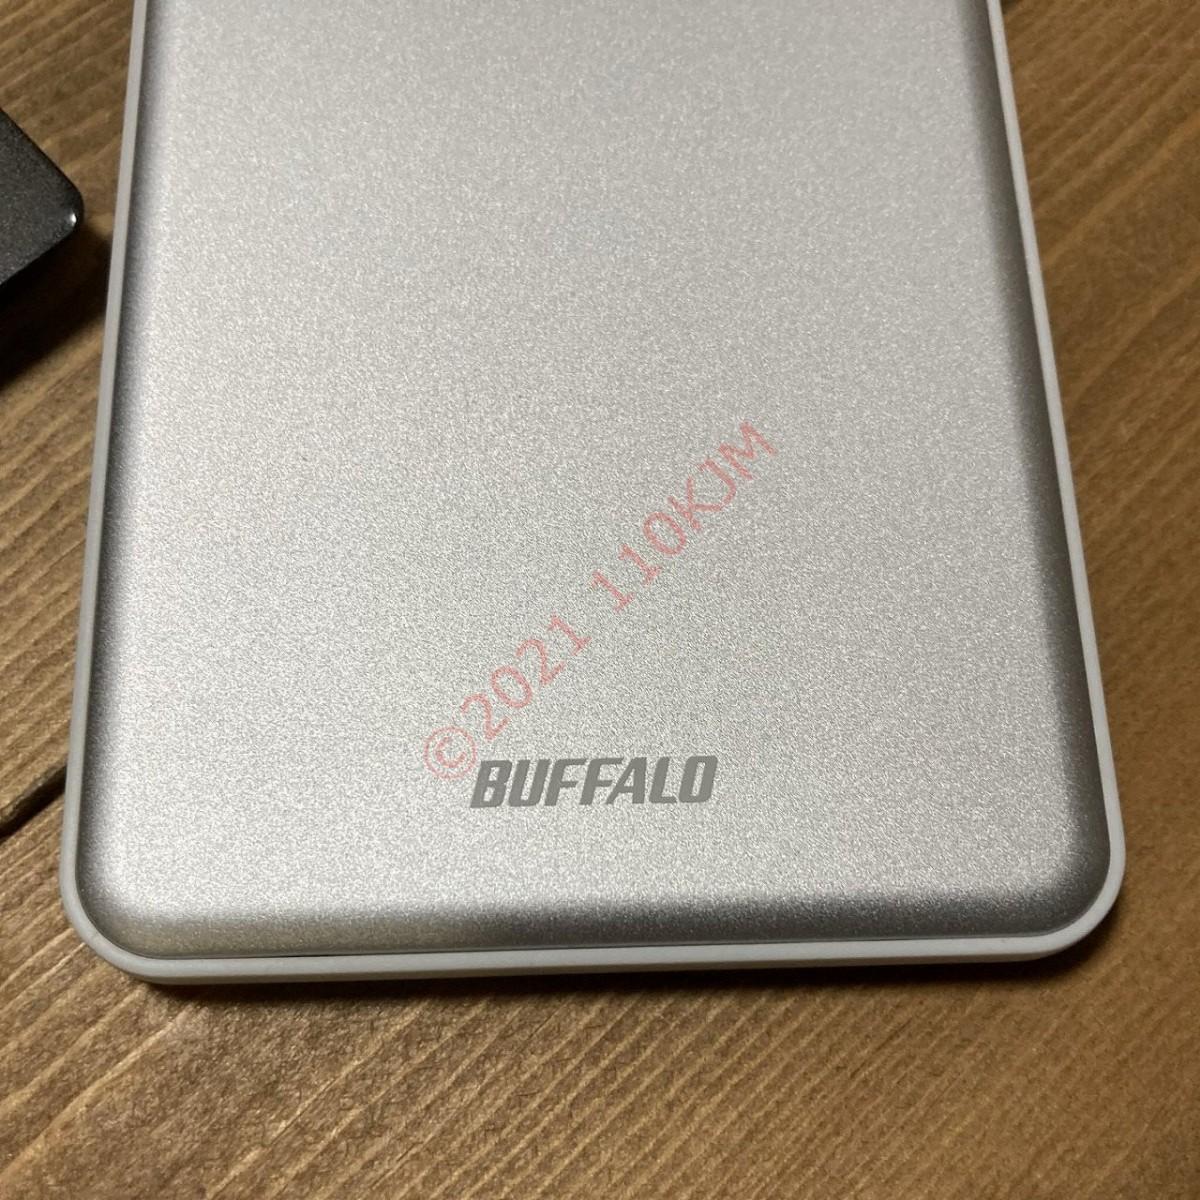 【使用103時間】 検査済 Buffalo 500GB USB3.0 ポータブルHDD